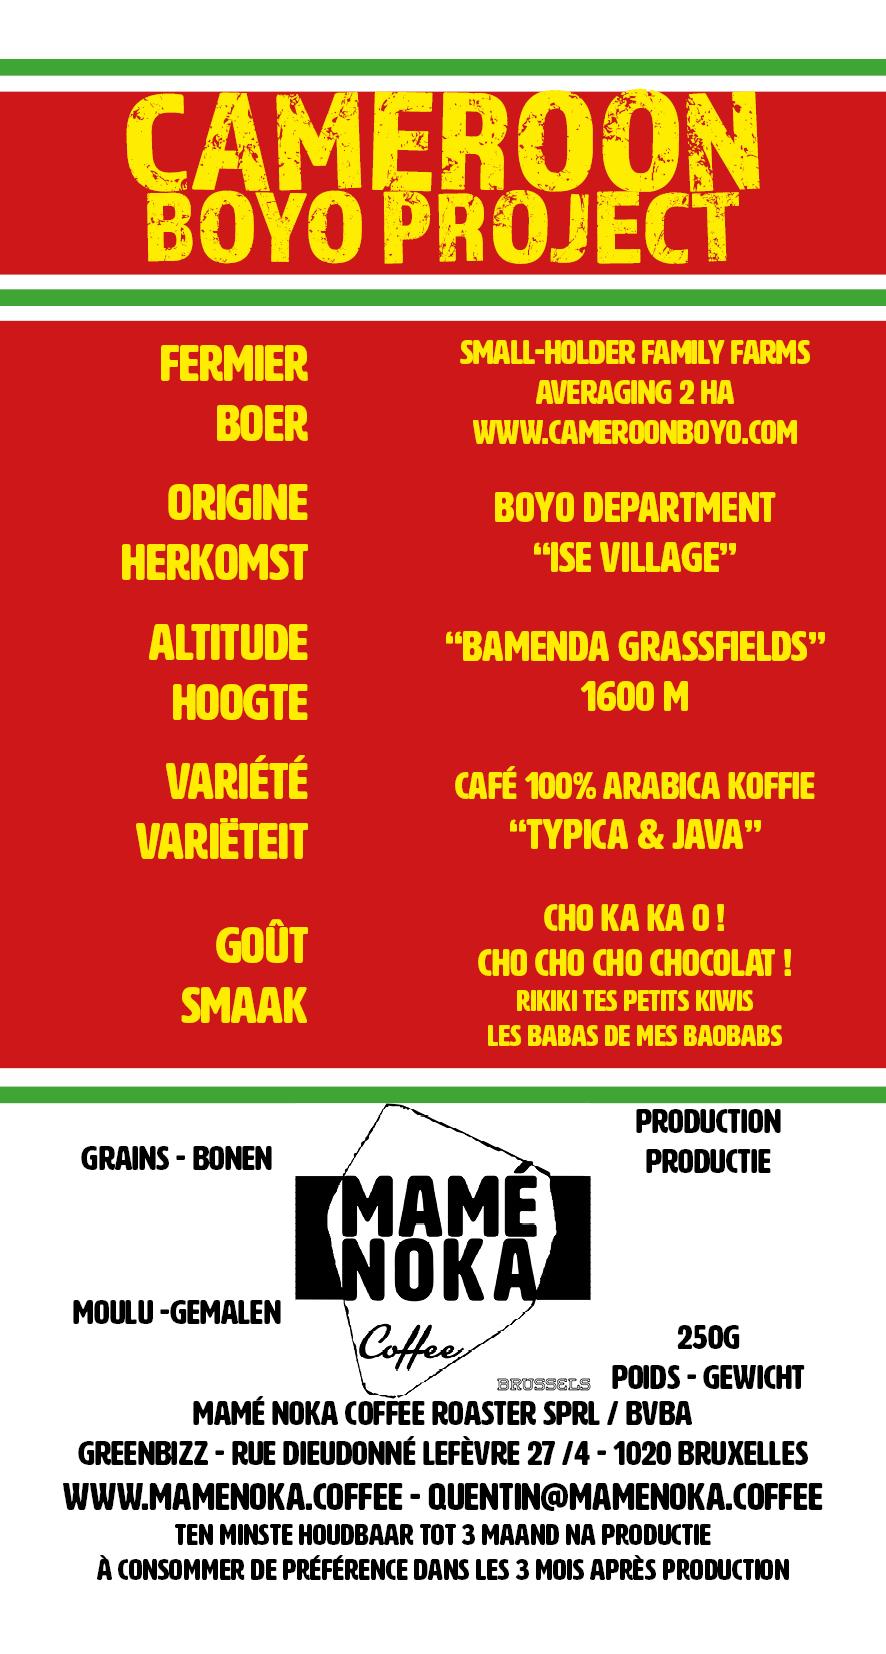 CAMEROON - BOYO ISE - 75x140 - 2017-09-27